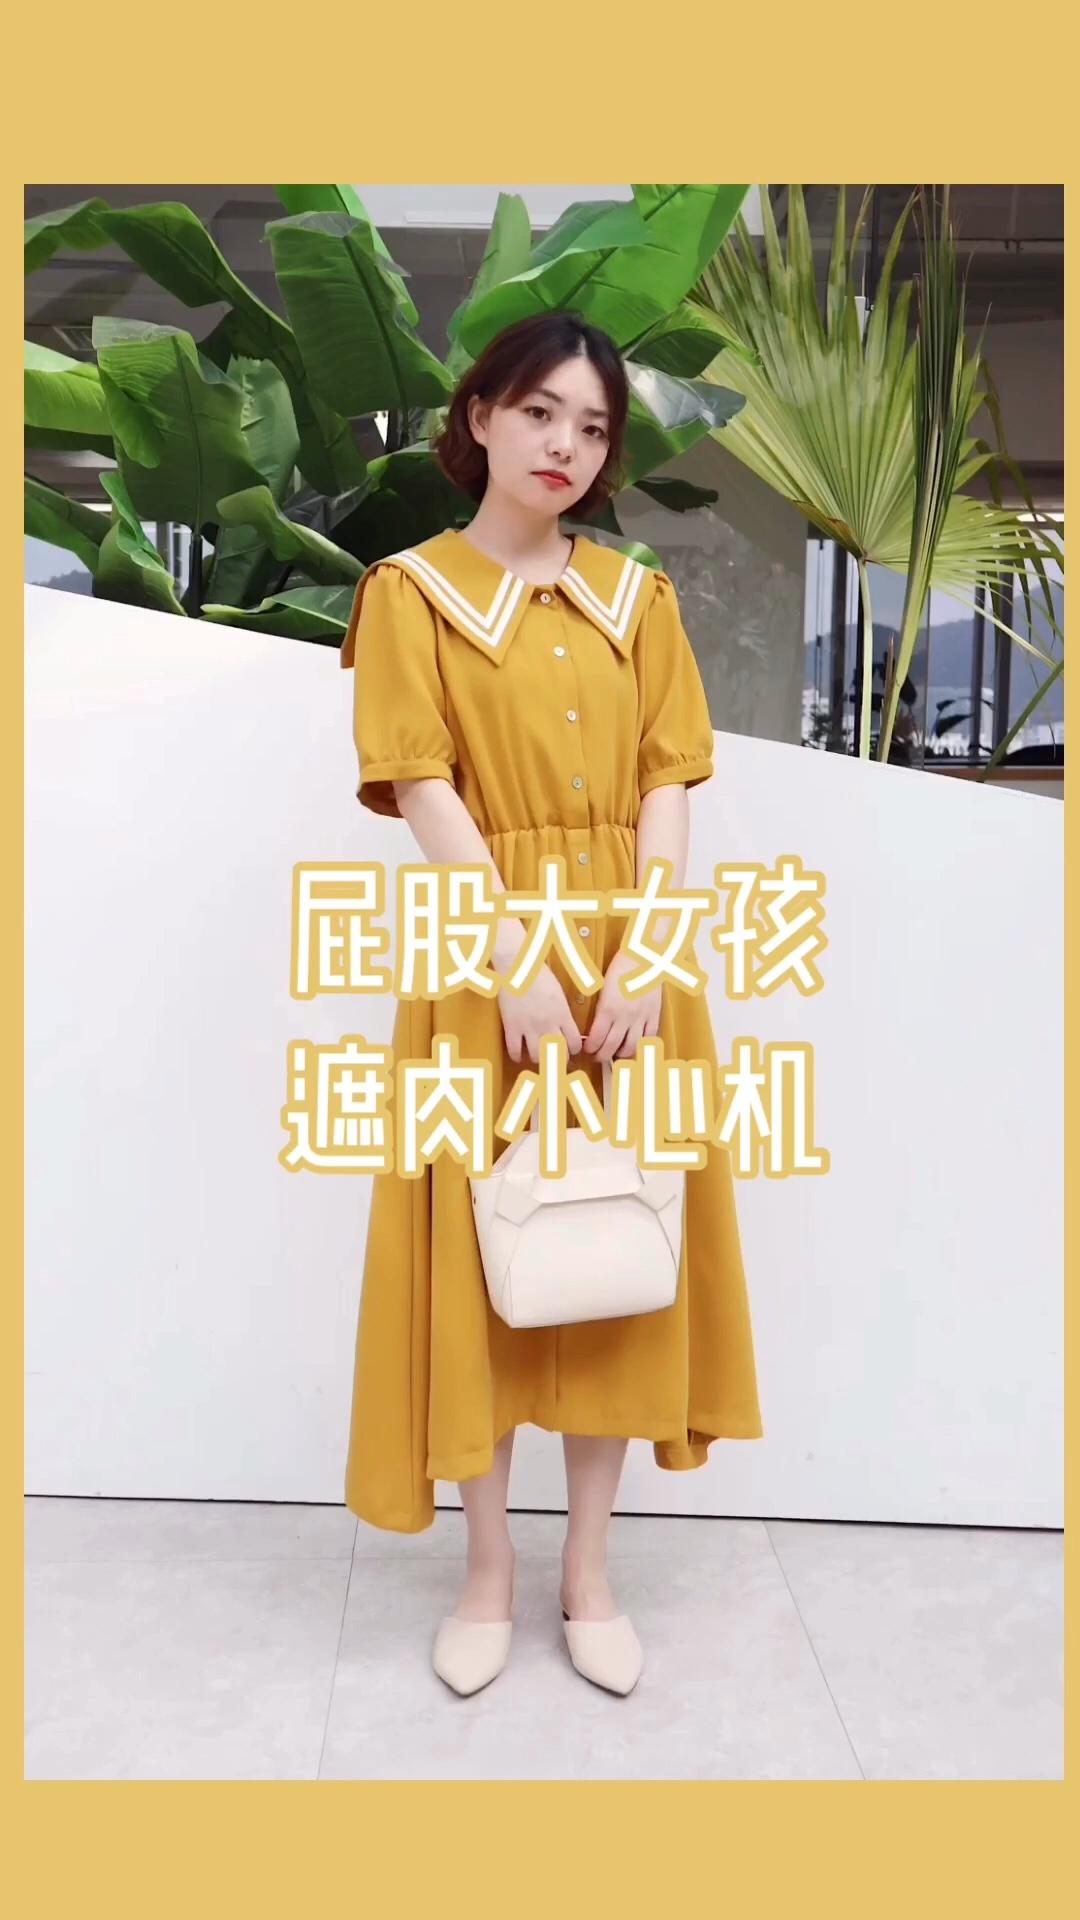 ❤️点击右下角商品链接即可购买哦❤️ 大髦穿搭day: 法式优雅的小黄裙,海军领显瘦又减龄~ 关注大髦,留言身高体重,一键解决你的穿搭烦恼~ #来份活力黄,拯救夏日沉闷#